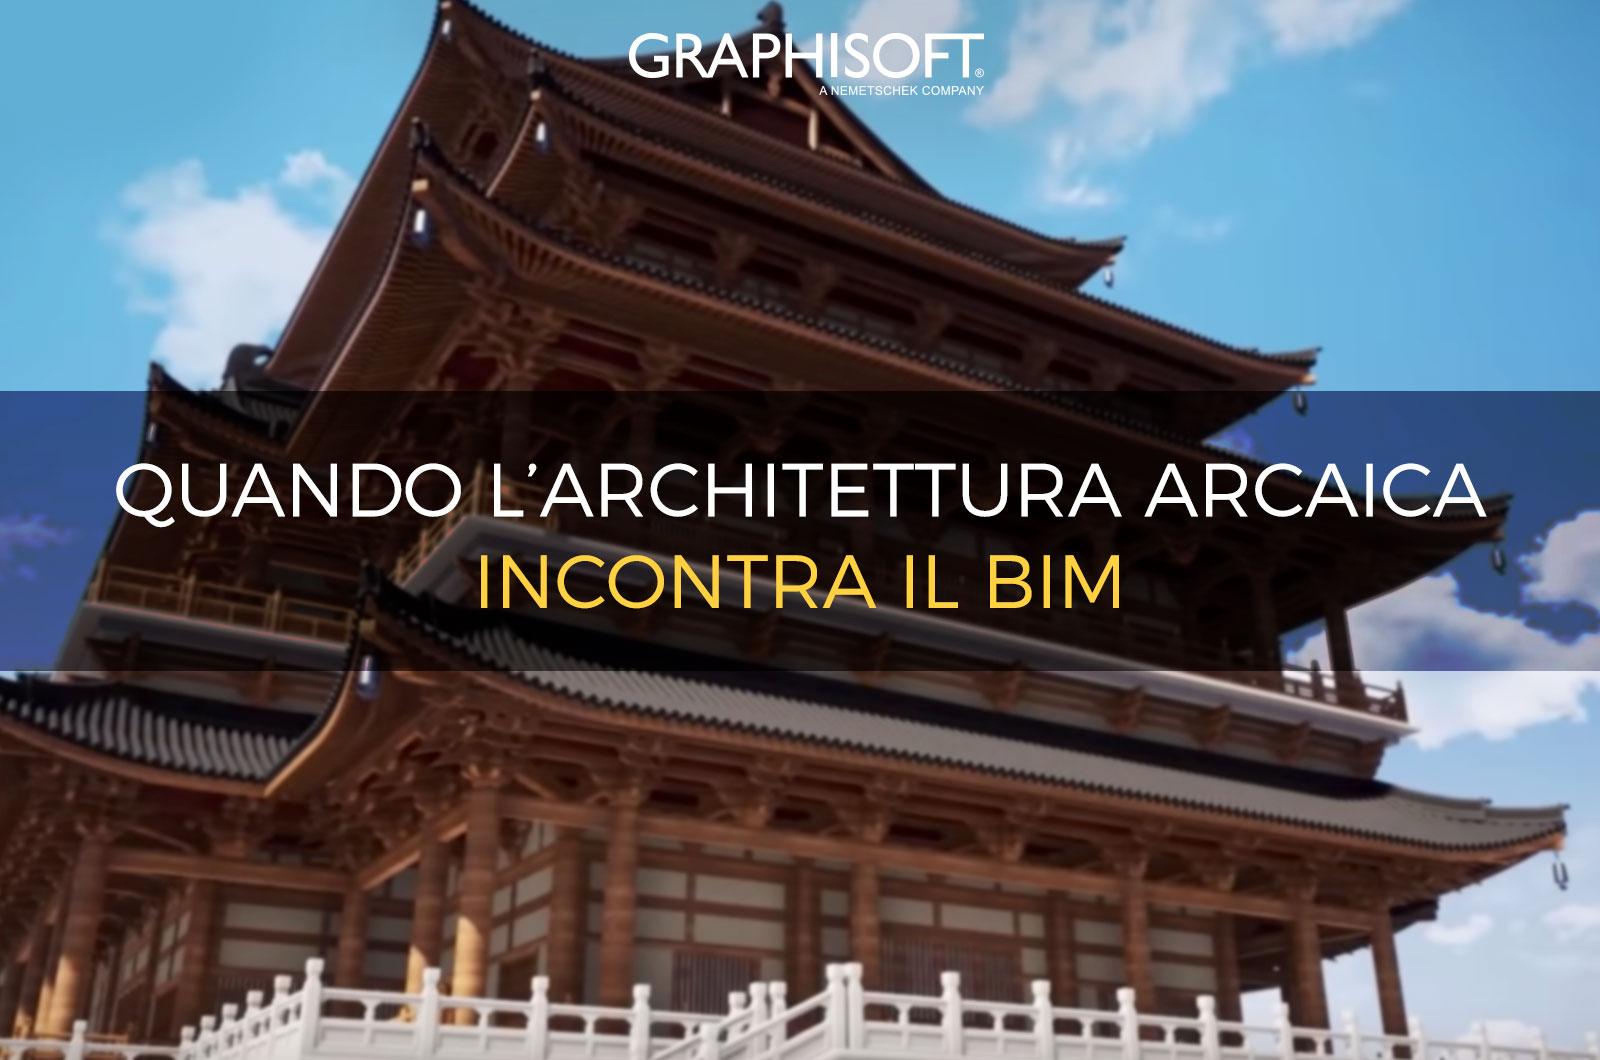 GRAPHISOFT_Liuzhou-1